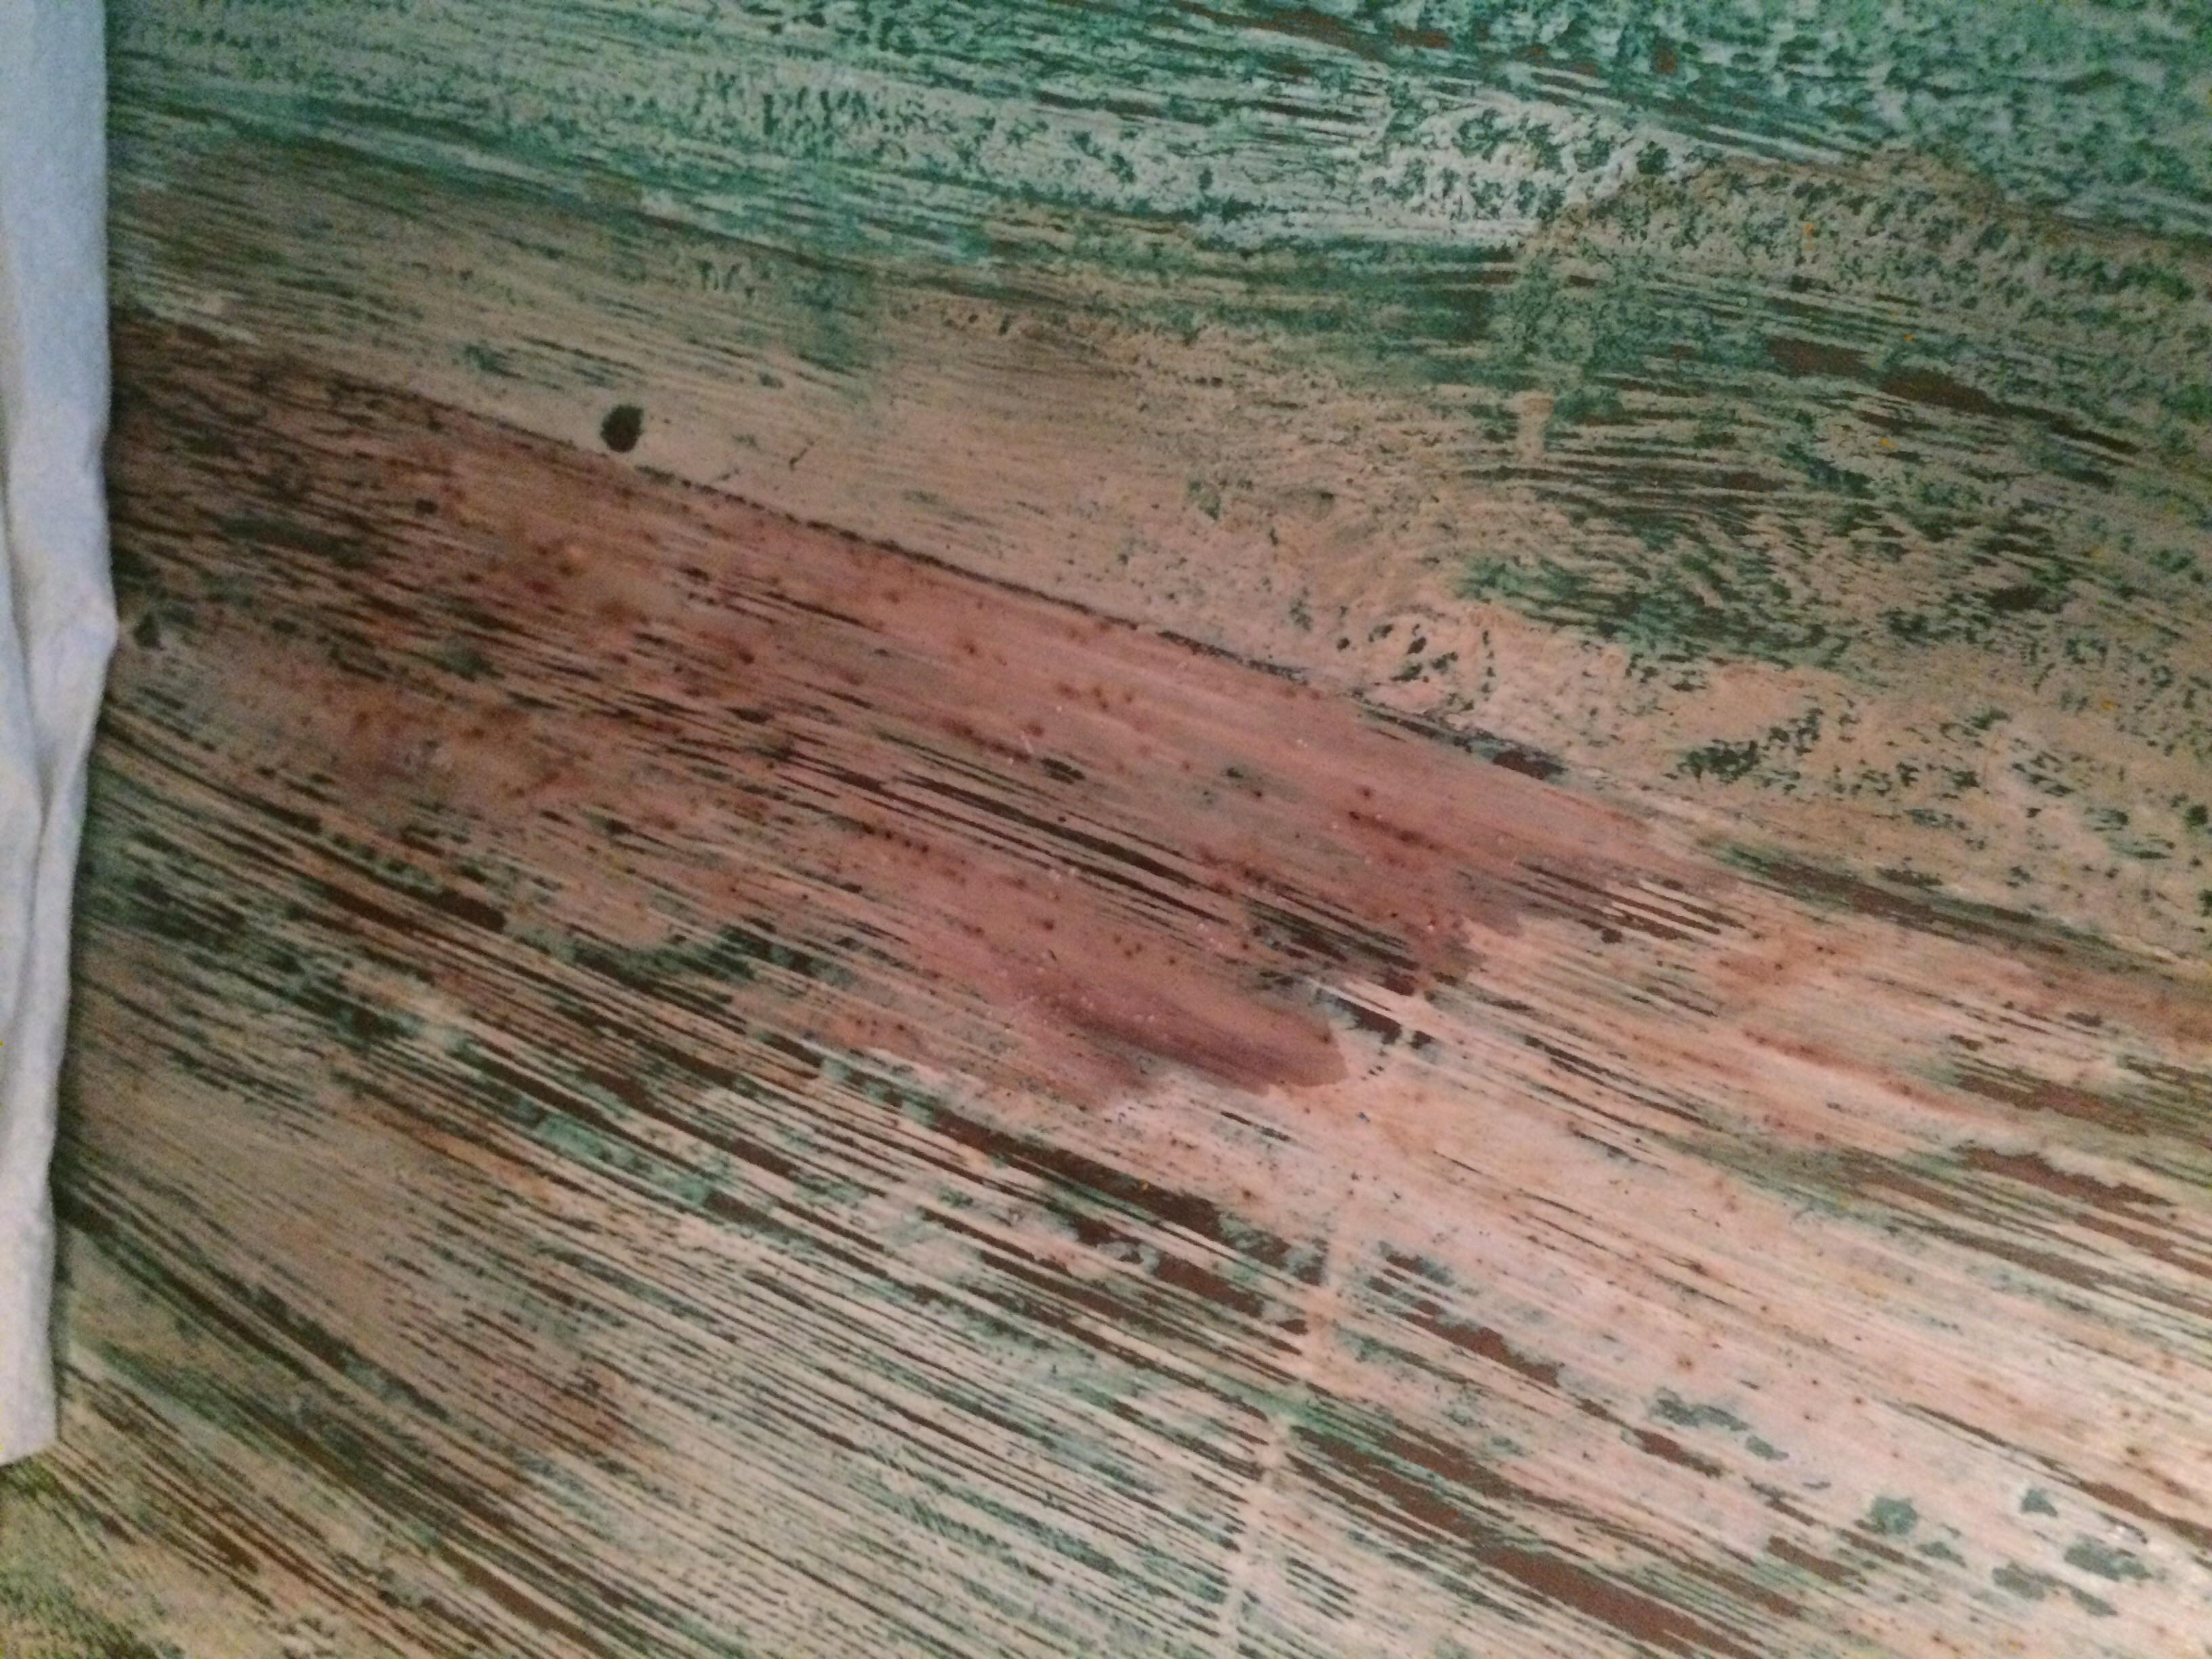 Wasserflecken Auf Teak Holztisch Hilfe Bitte Wasser Flecken